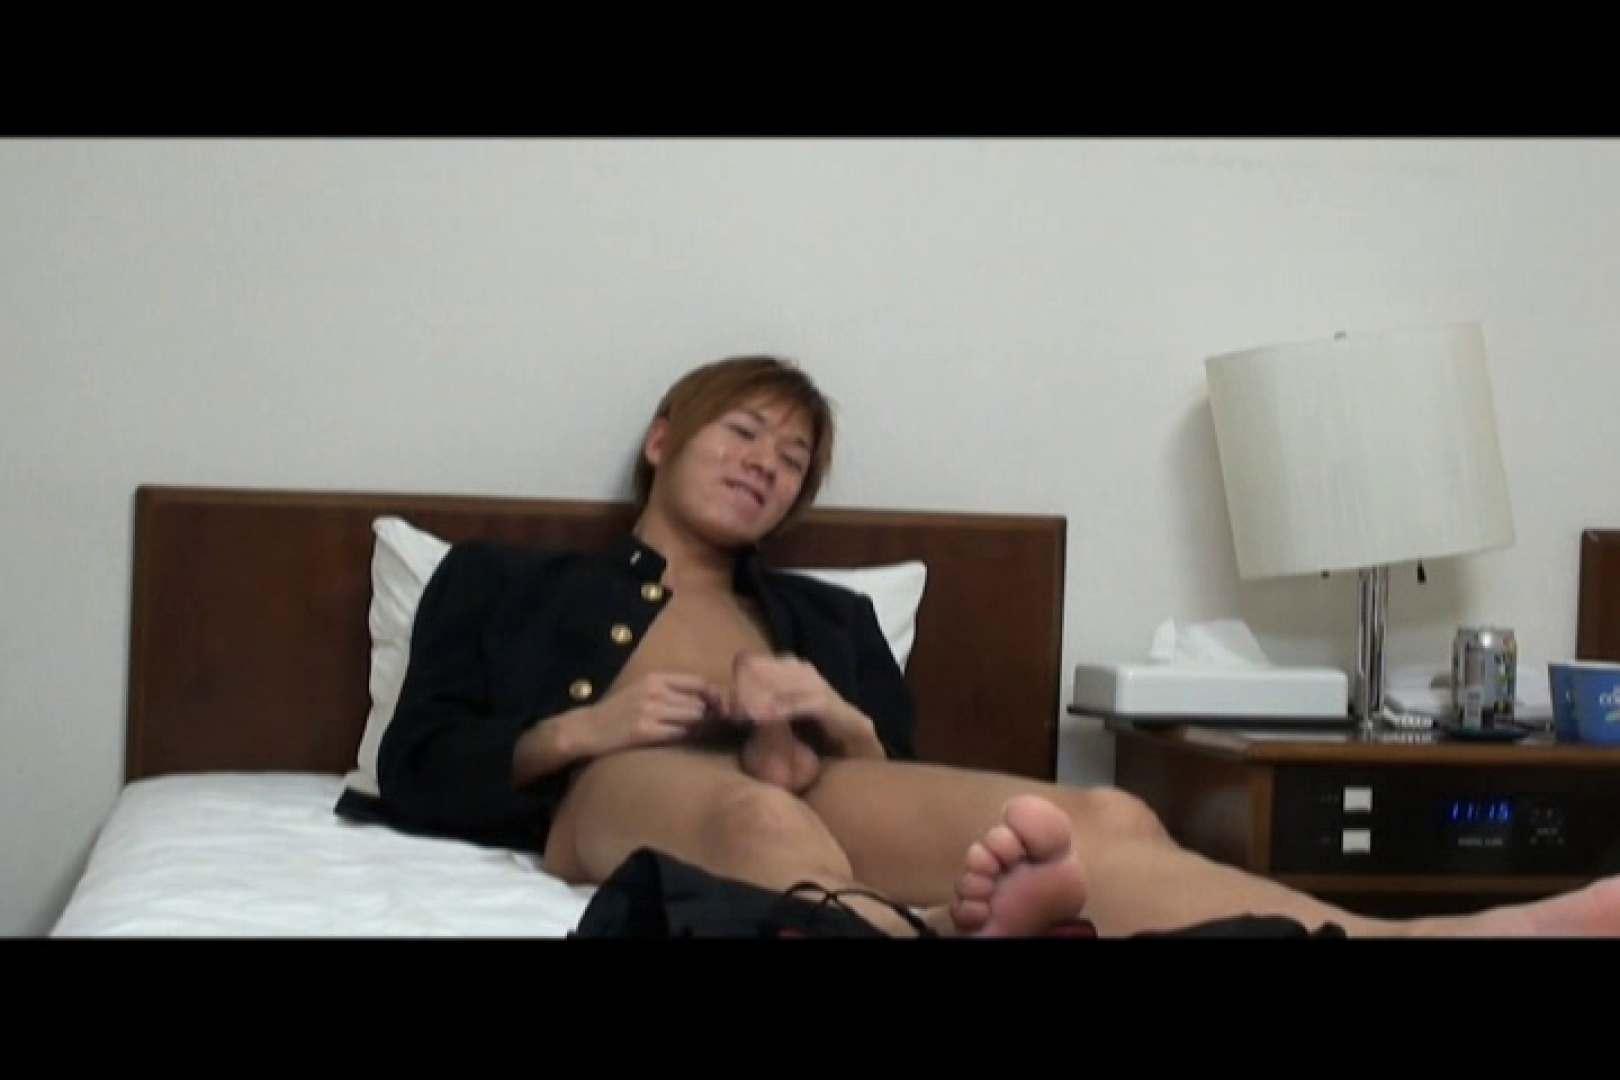 目線解禁!ノンケイケメン自慰行為編特集!VOL.02 人気シリーズ | 裸  64pic 23